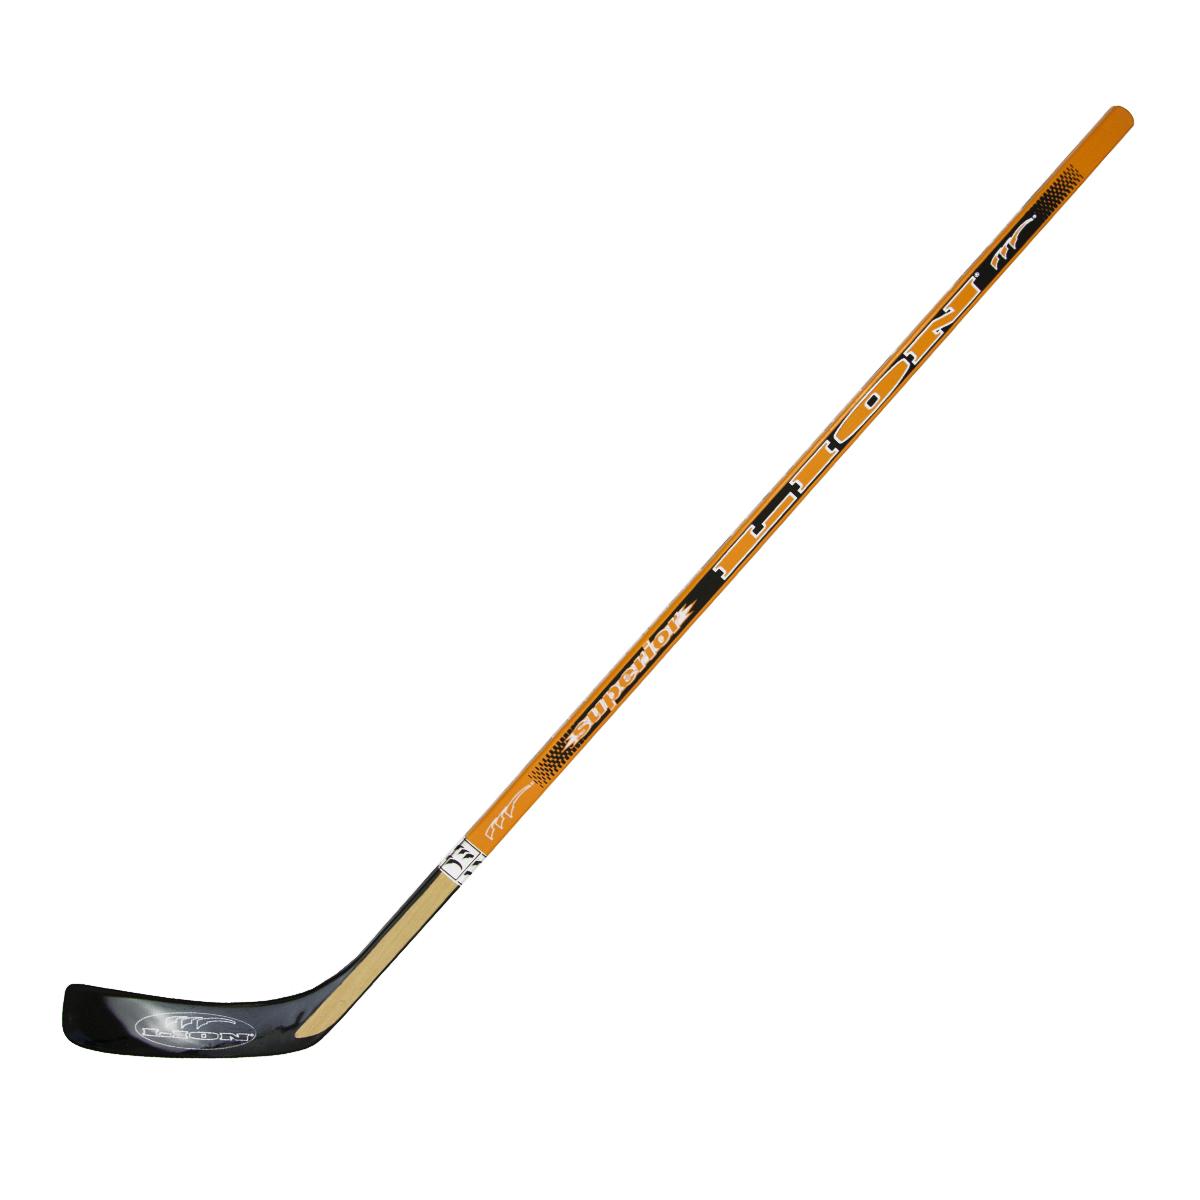 Hokejka LION 6644 - 135 cm levá - černá